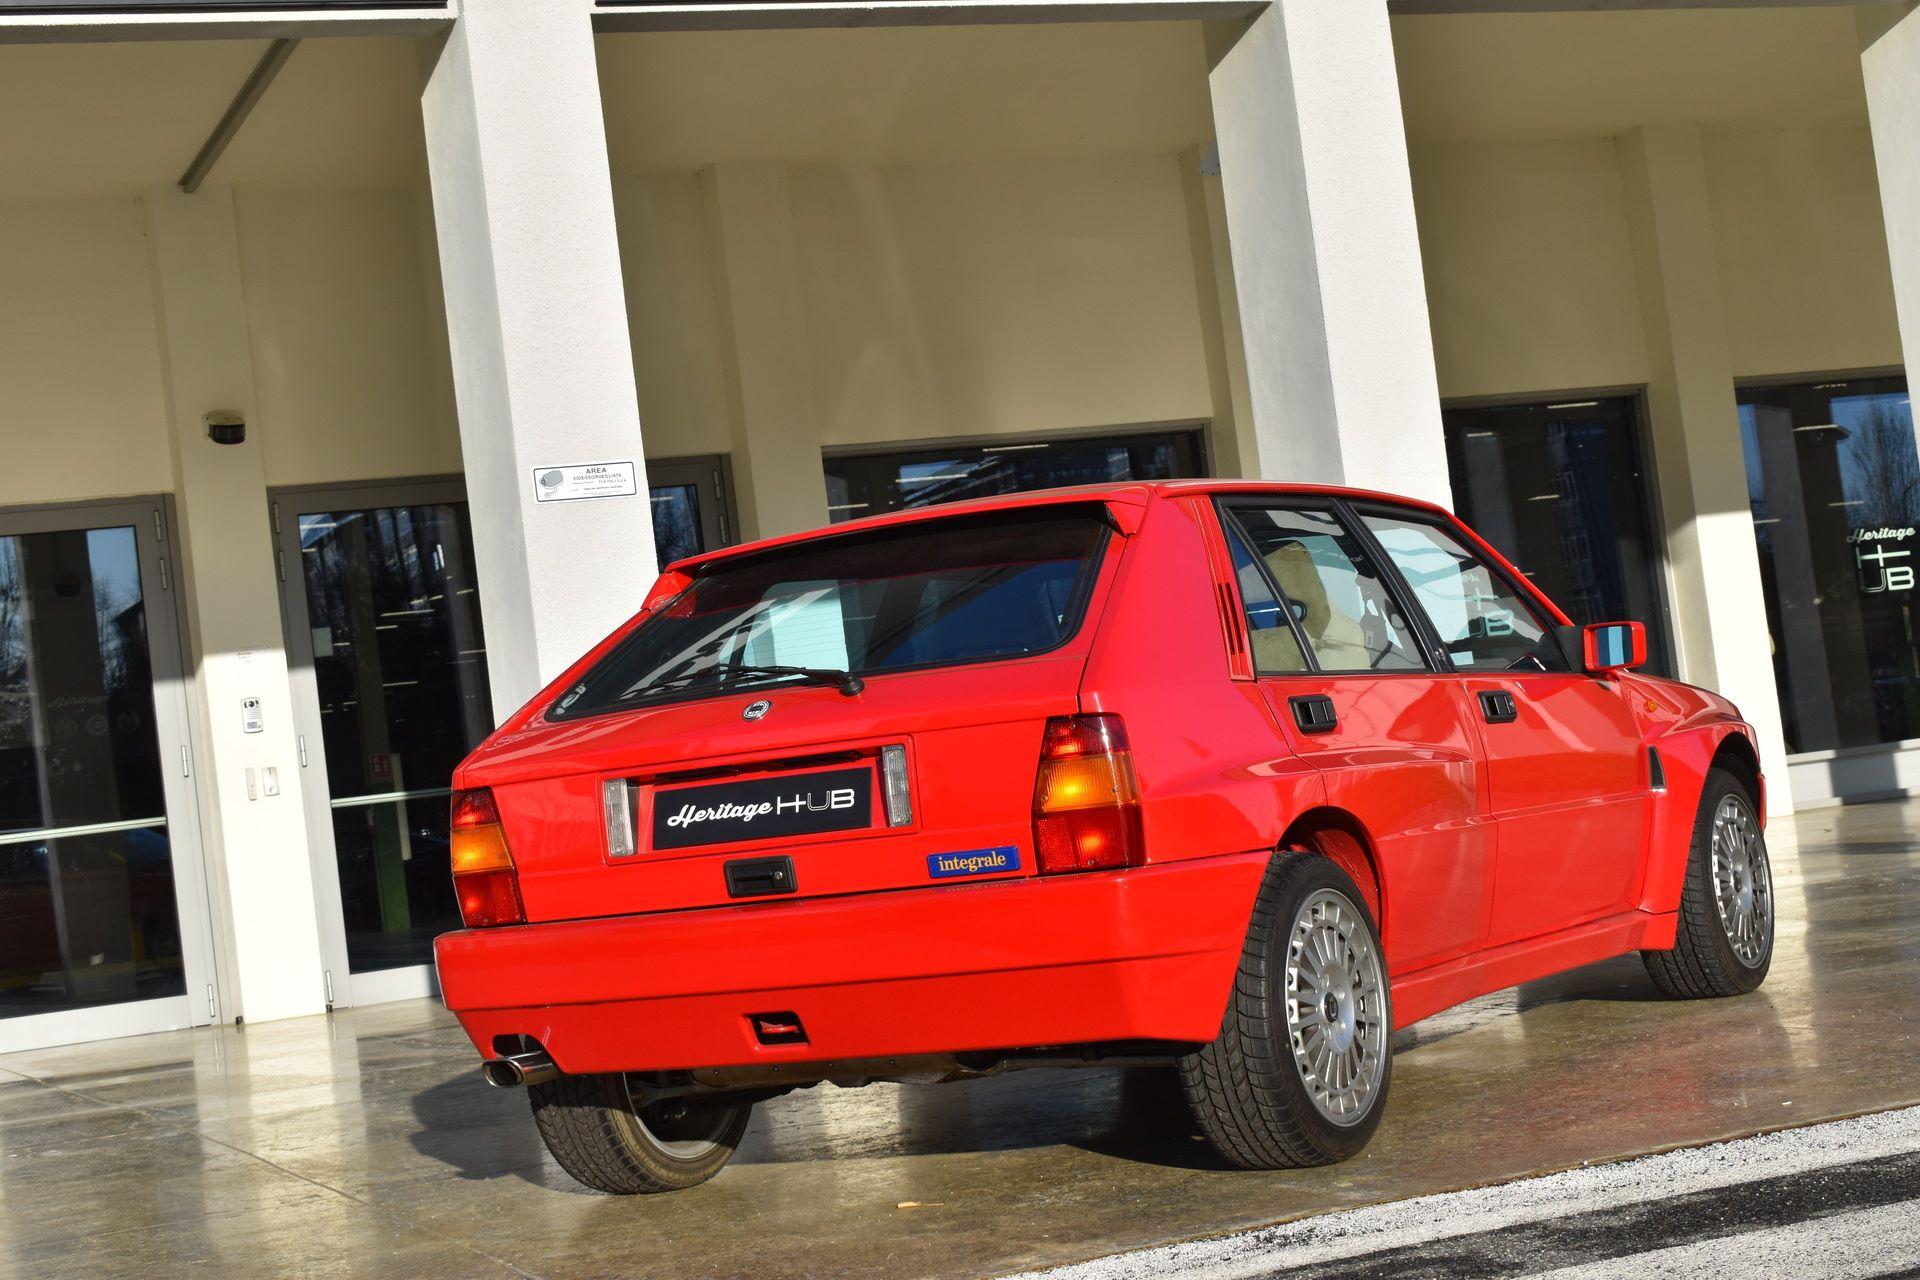 Stellantis-Heritage-Parts-Lancia-Delta-HF-Integrale-Evoluzione-2